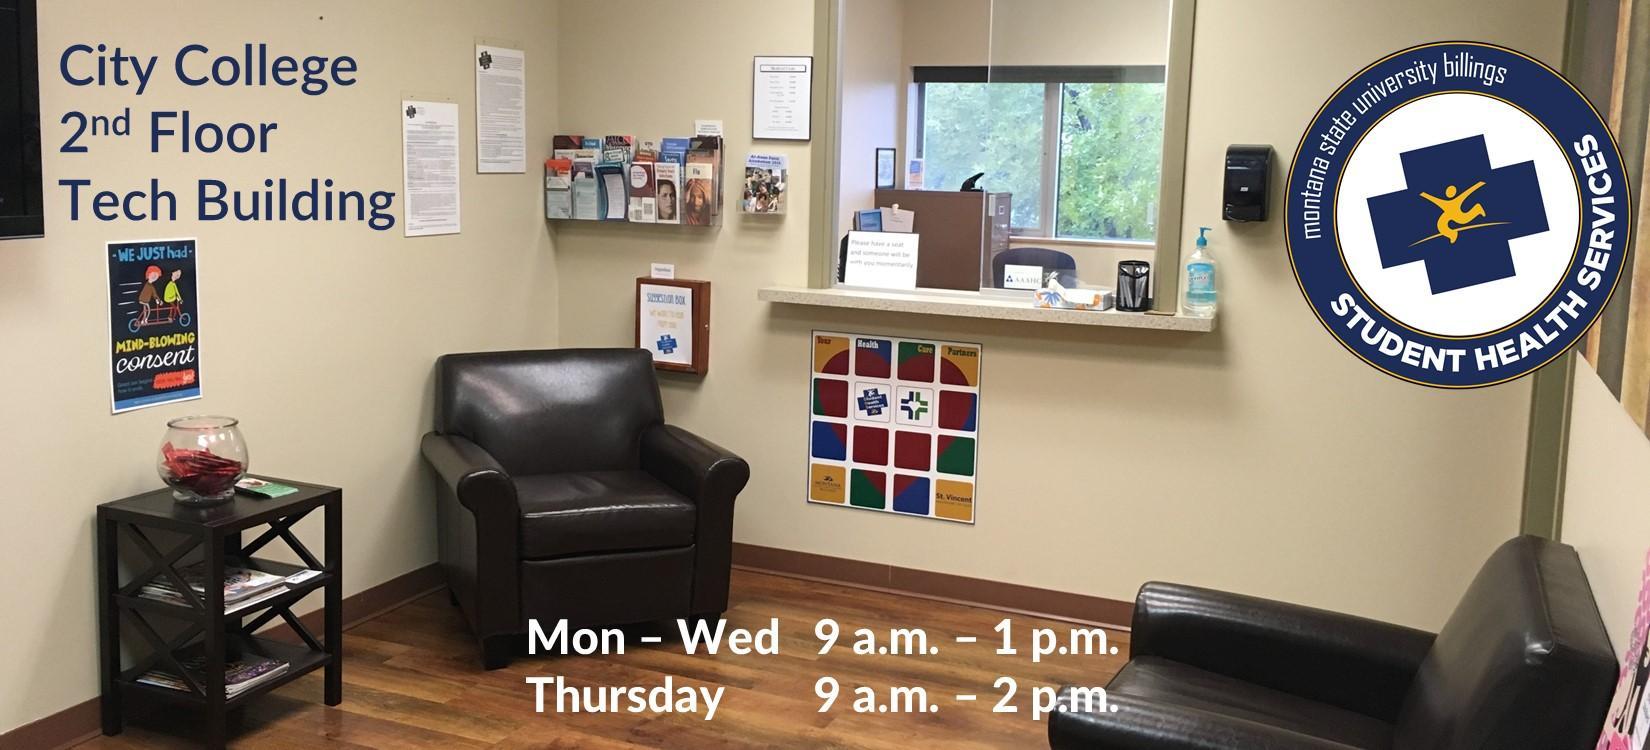 Student Health Services - City College 2nd Floor Tech Building. Mon - Wed 9 a.m. - 1 p.m., Thursday 9 a.m. - 2 p.m.